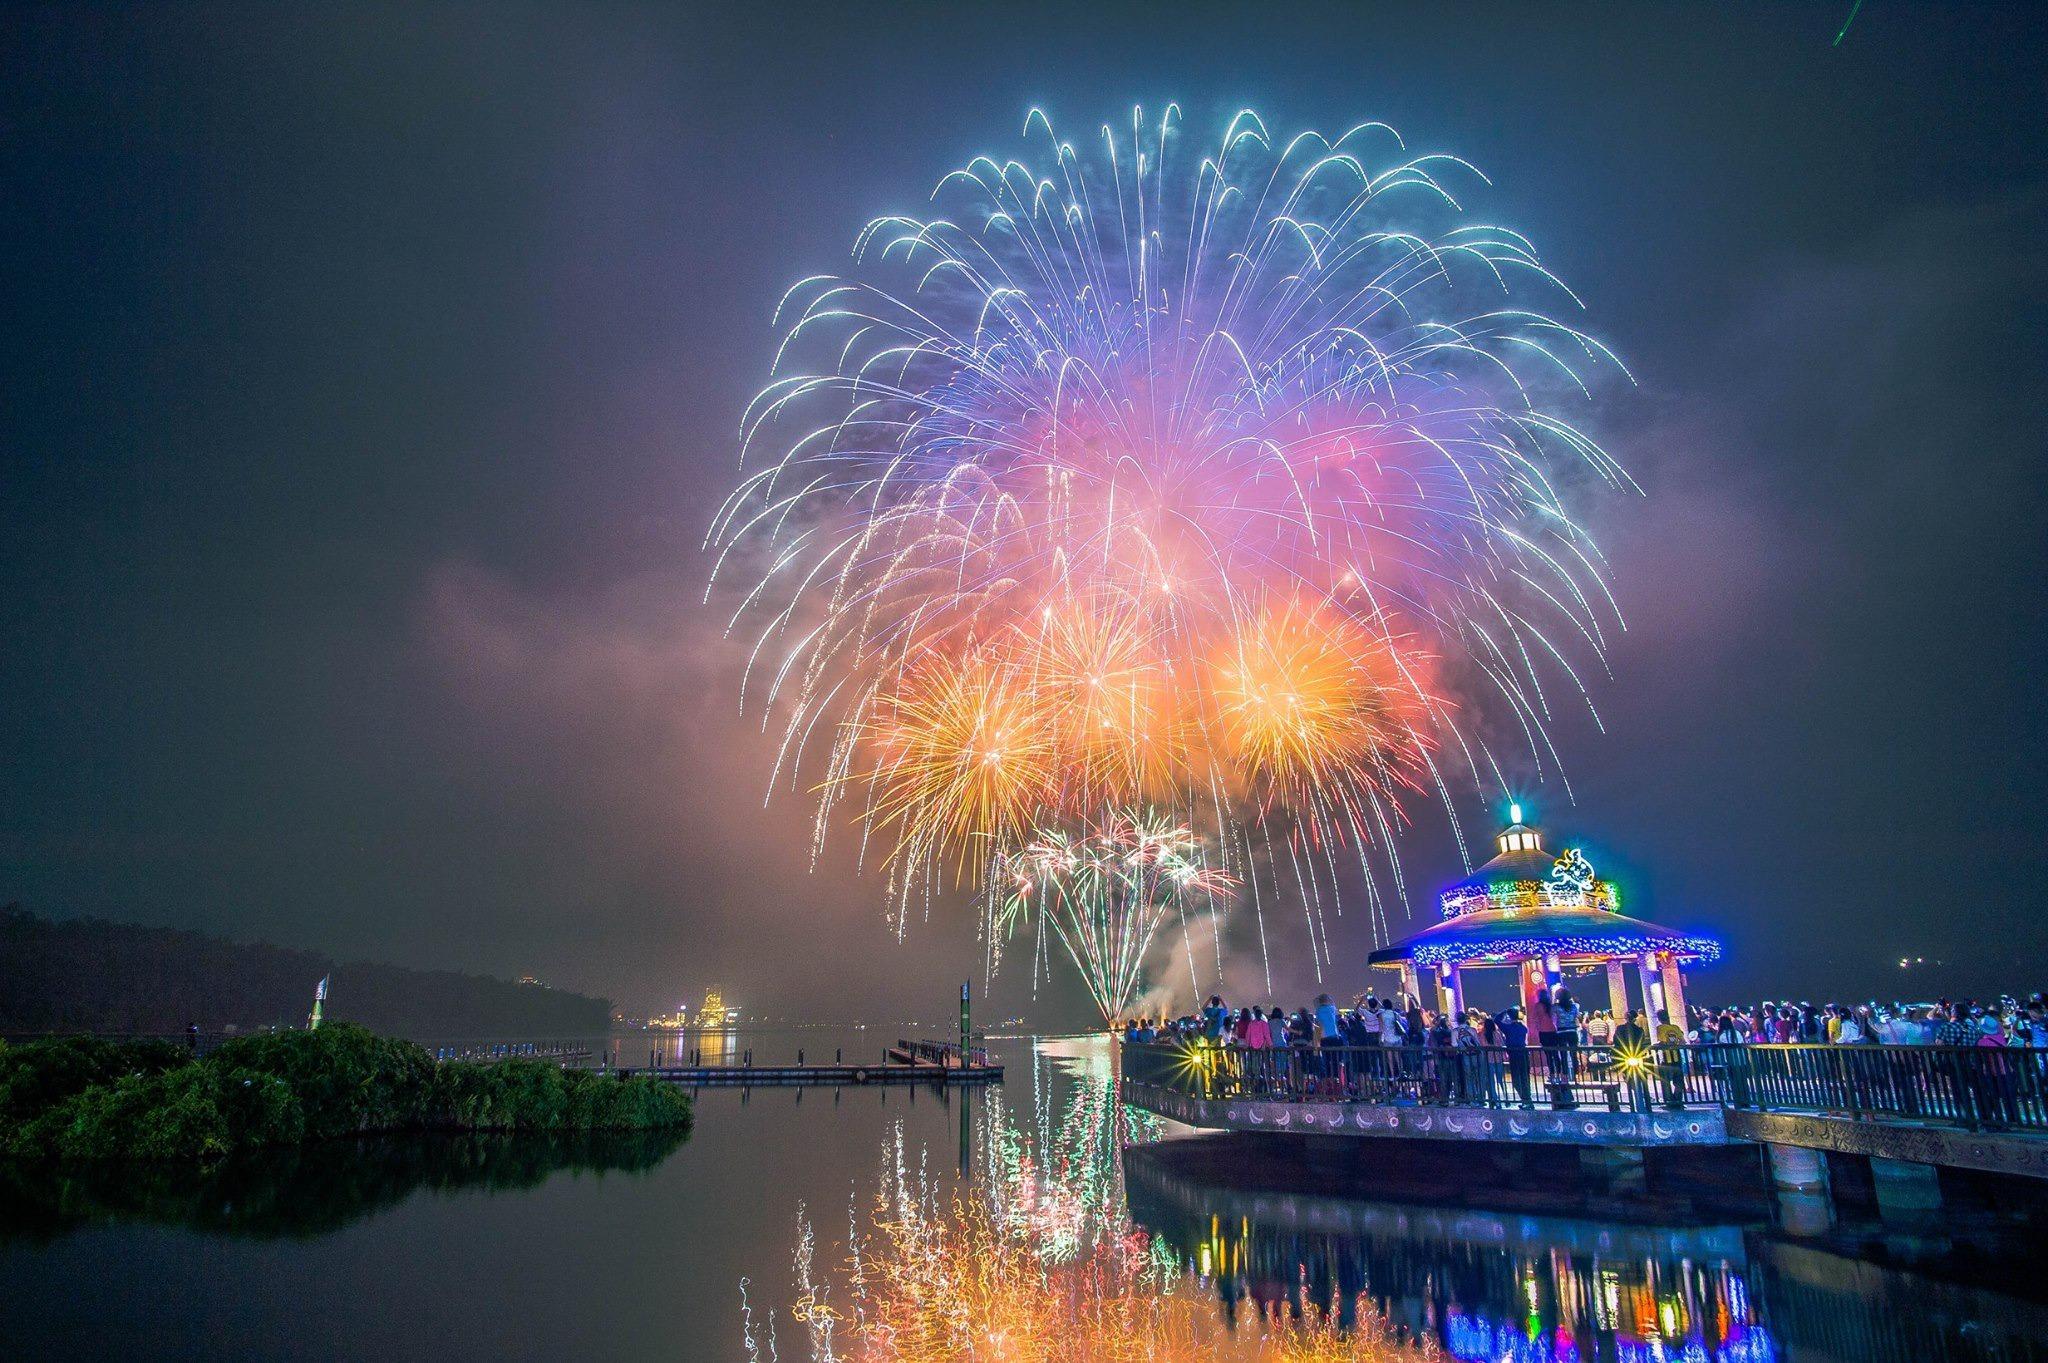 2019日月潭サイクリング花火音楽フェスティバル